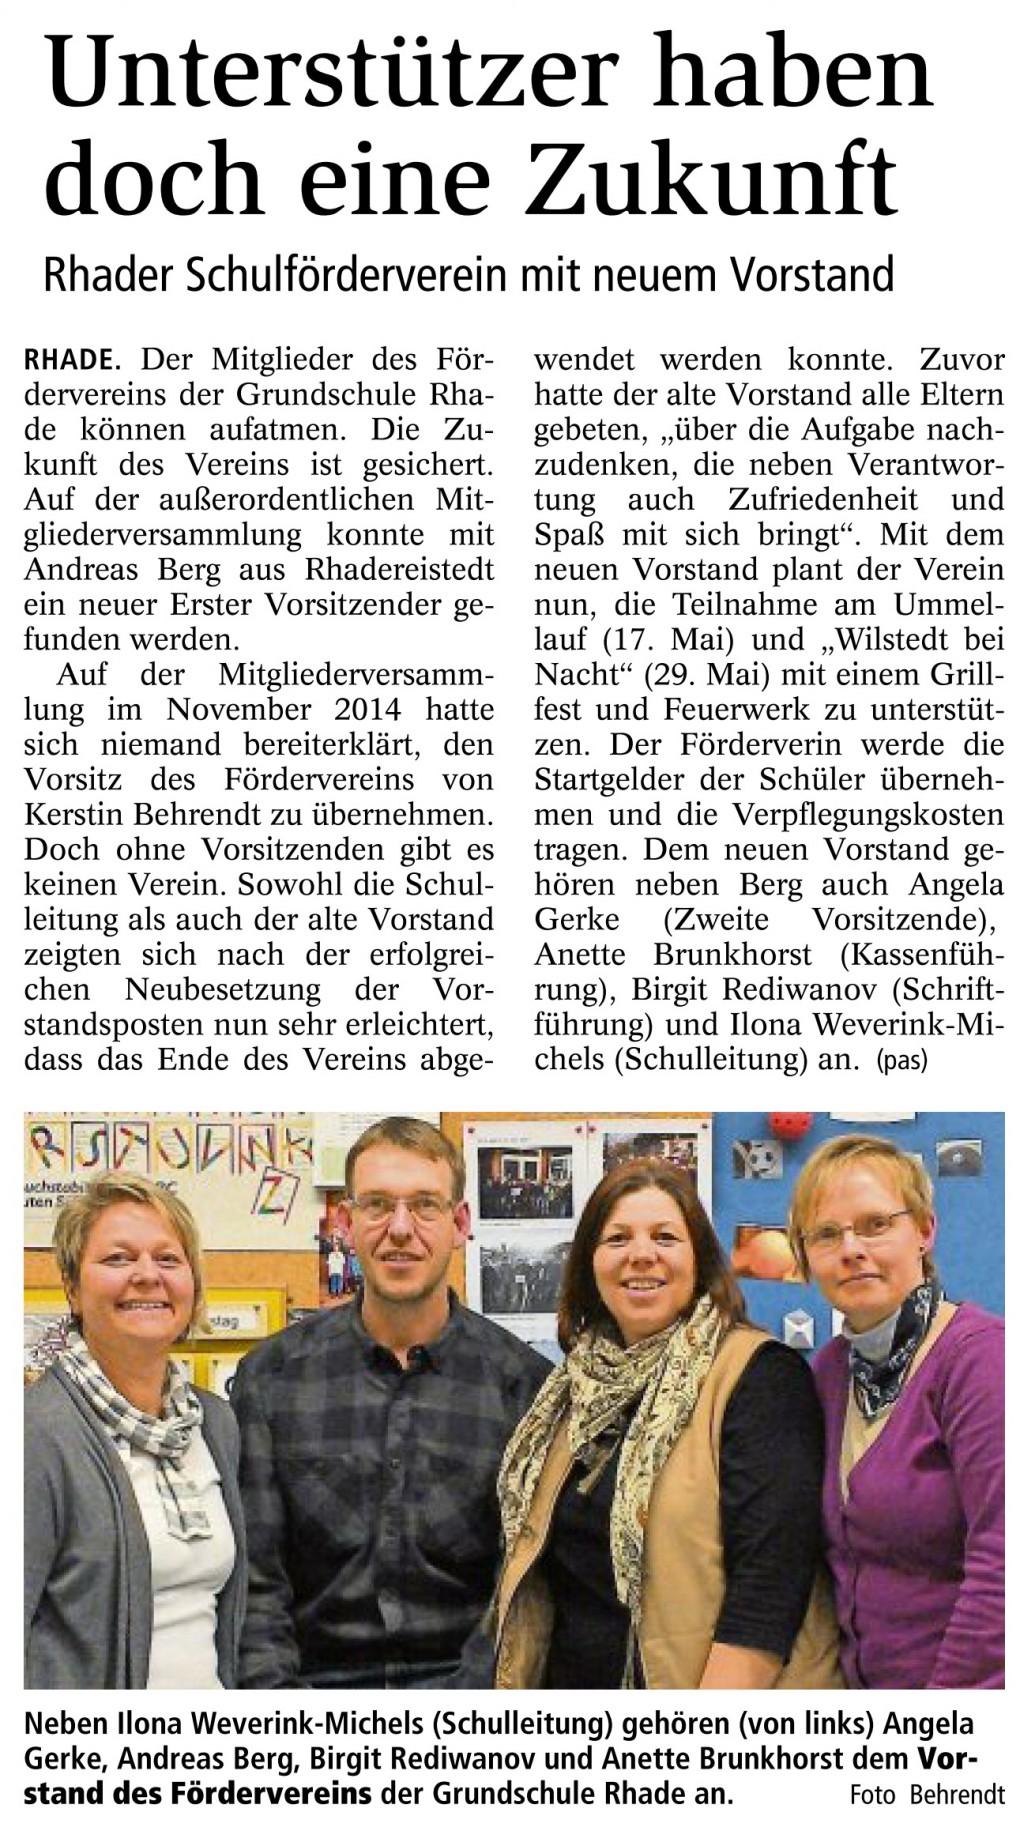 Quelle Zevener Zeitung vom 23.03.2015